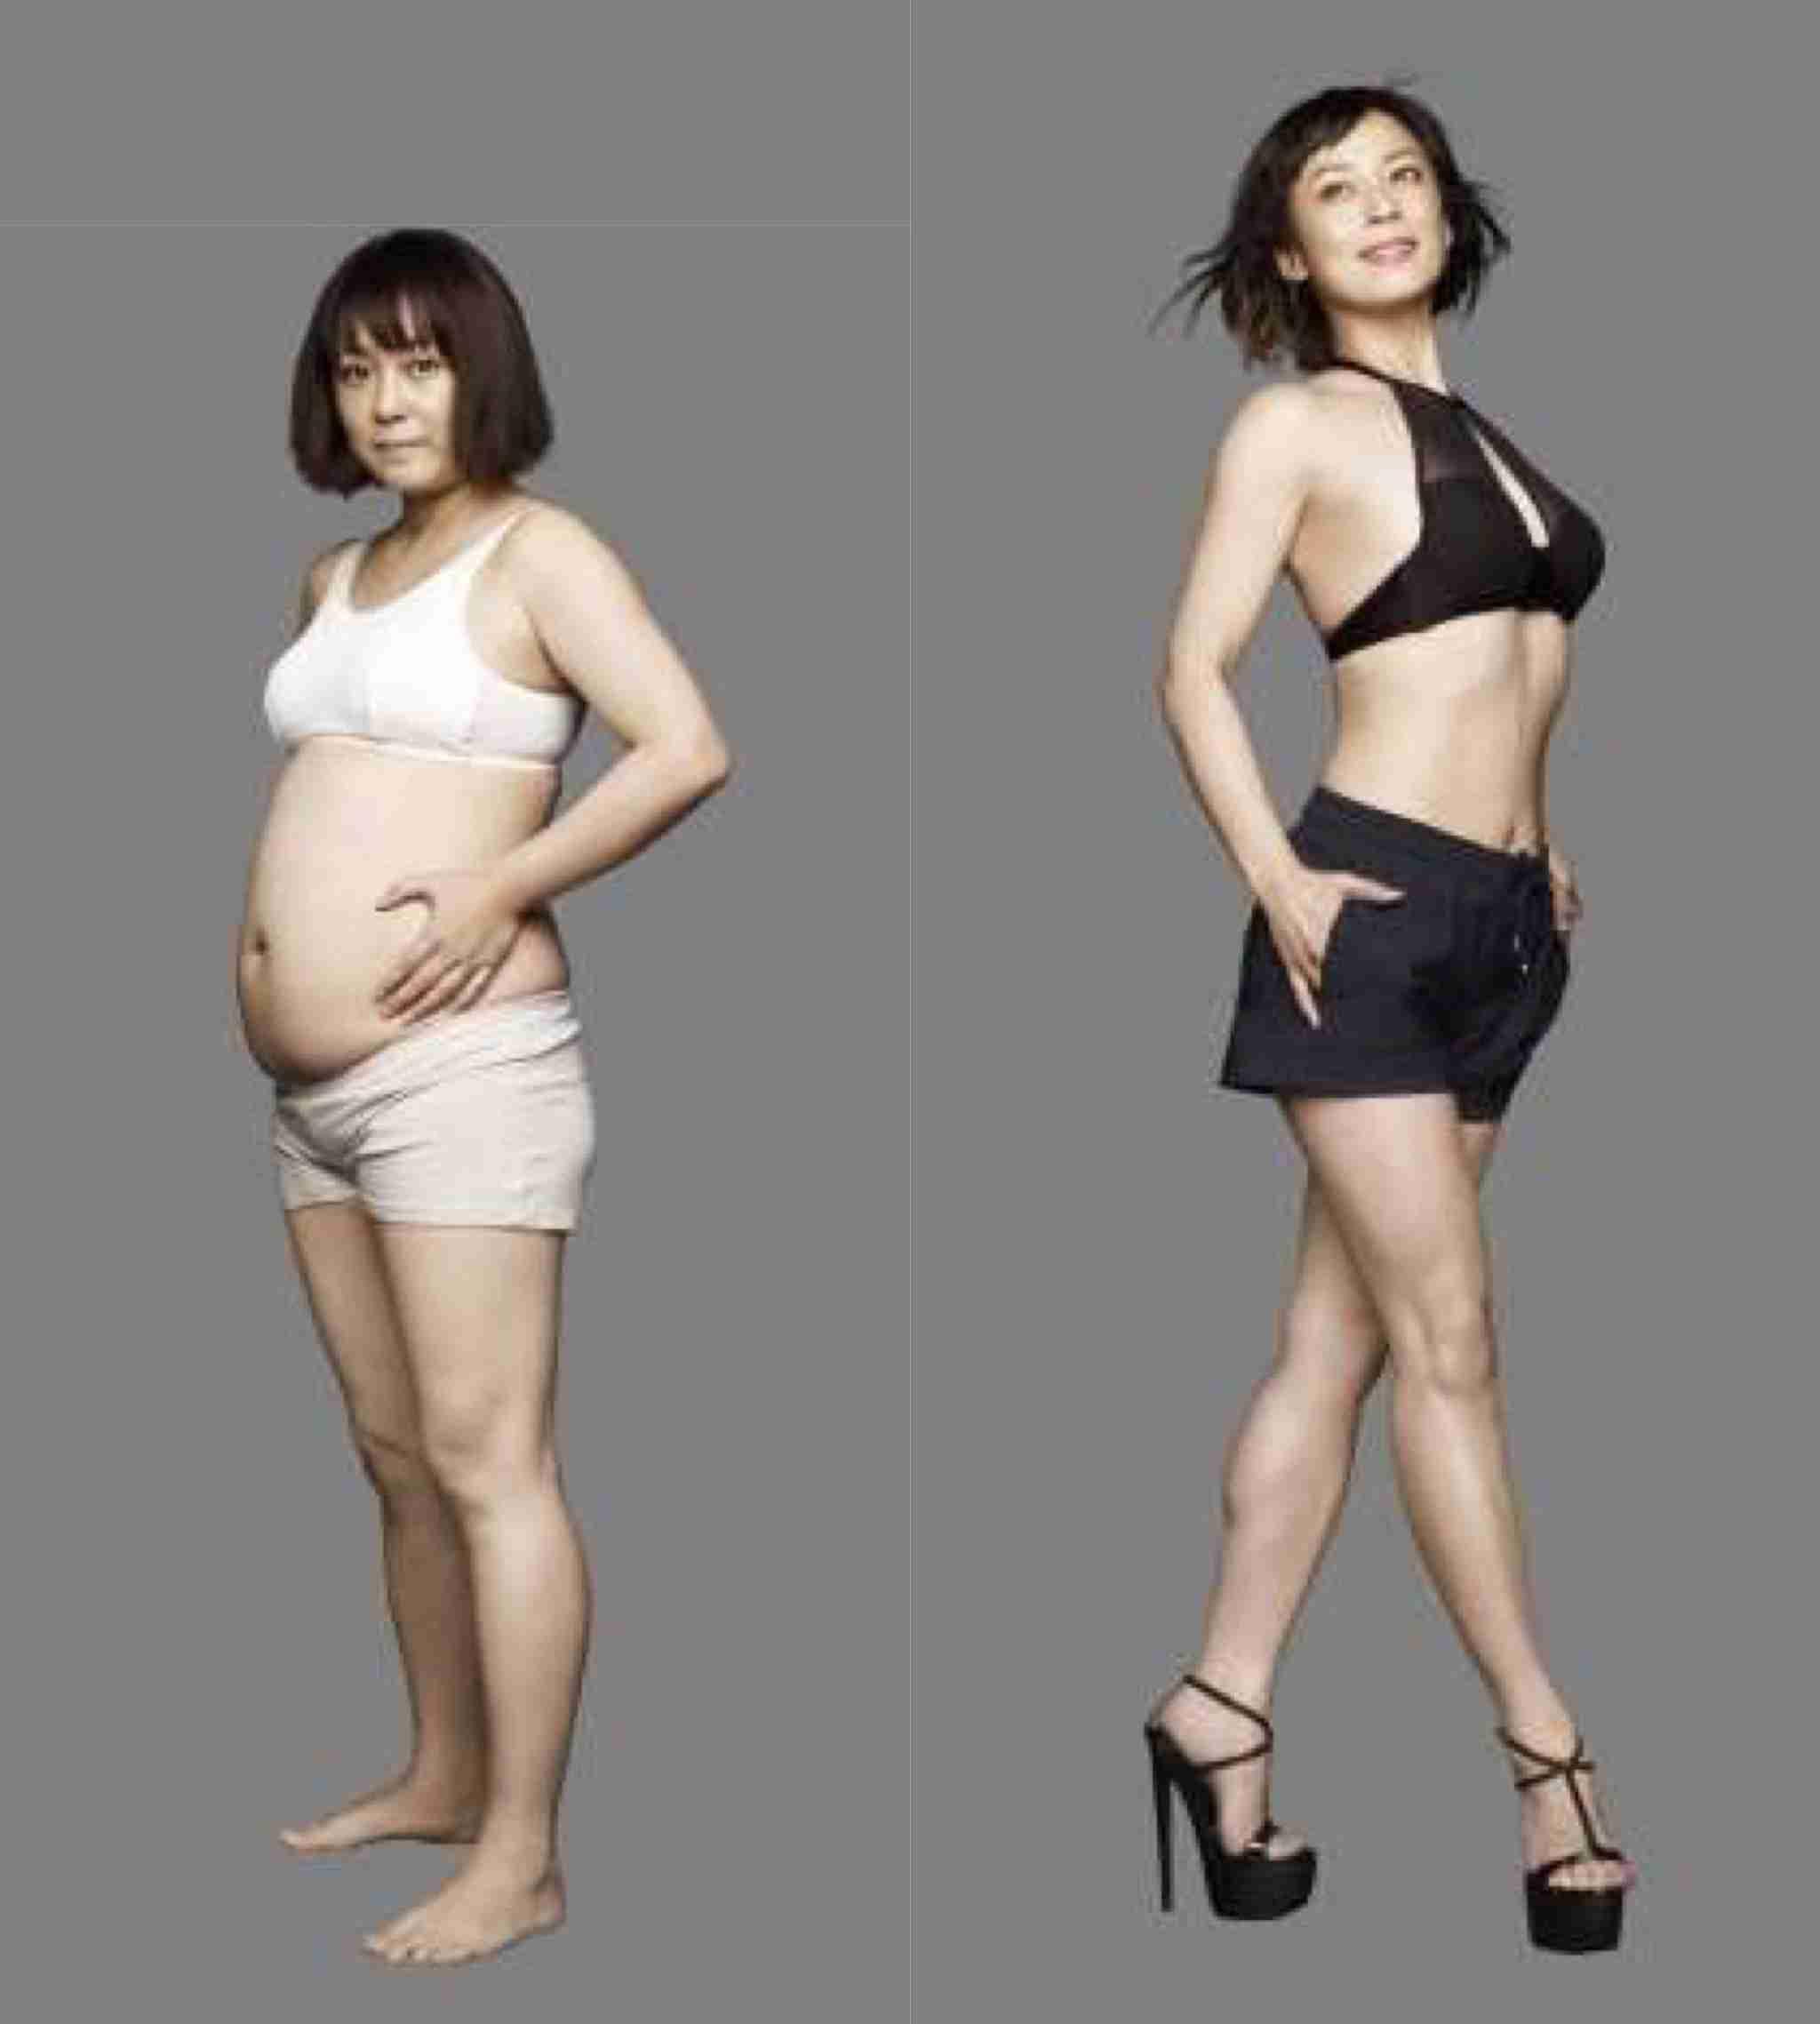 佐藤仁美、12.2キロの減量に成功 美くびれを披露し「モテたい!」